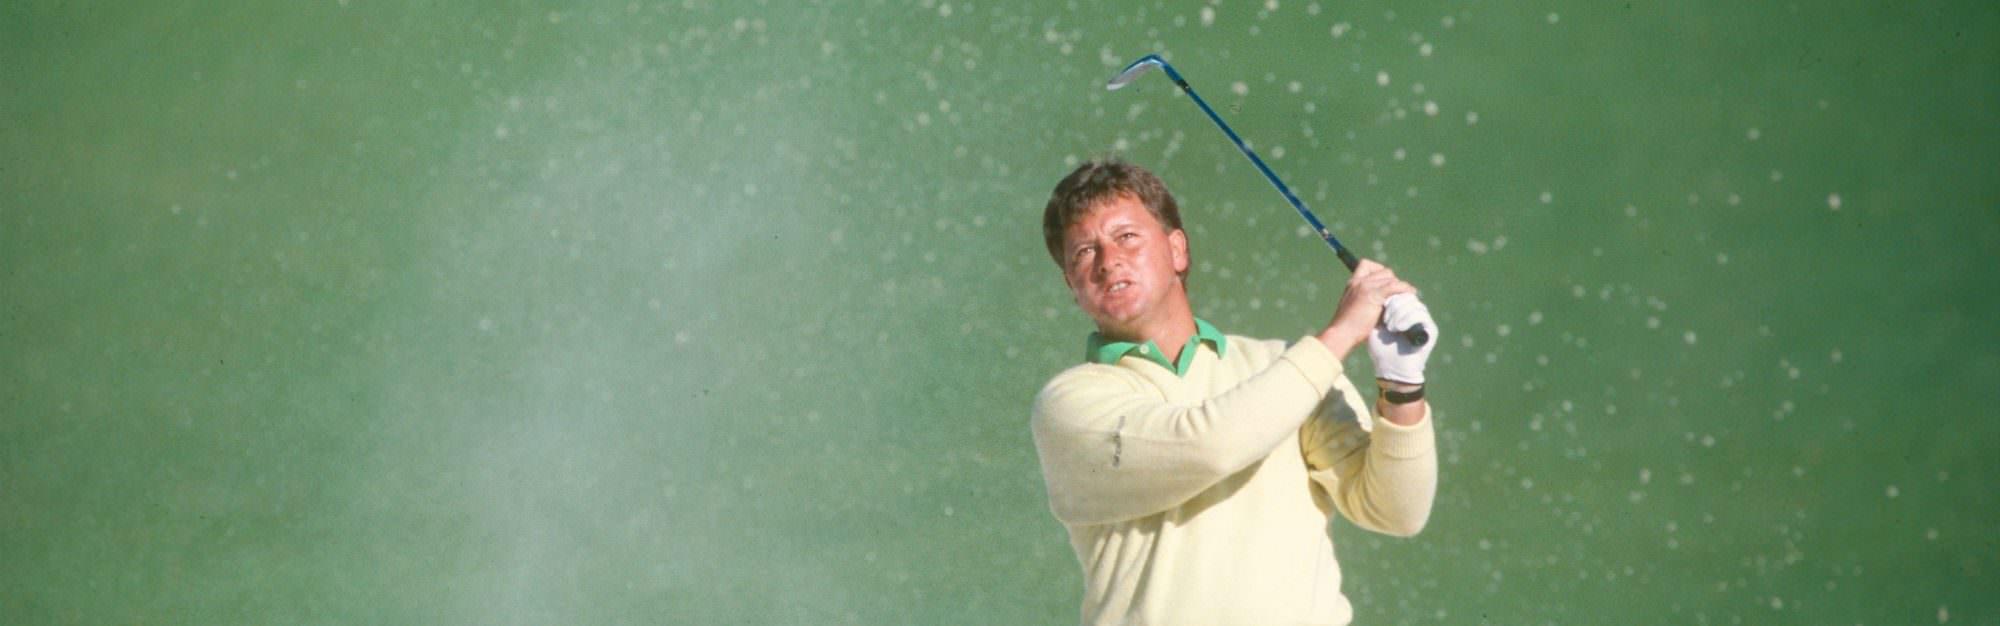 Dydd Gŵyl Dewi Hapus! The best Welsh golfers of all time